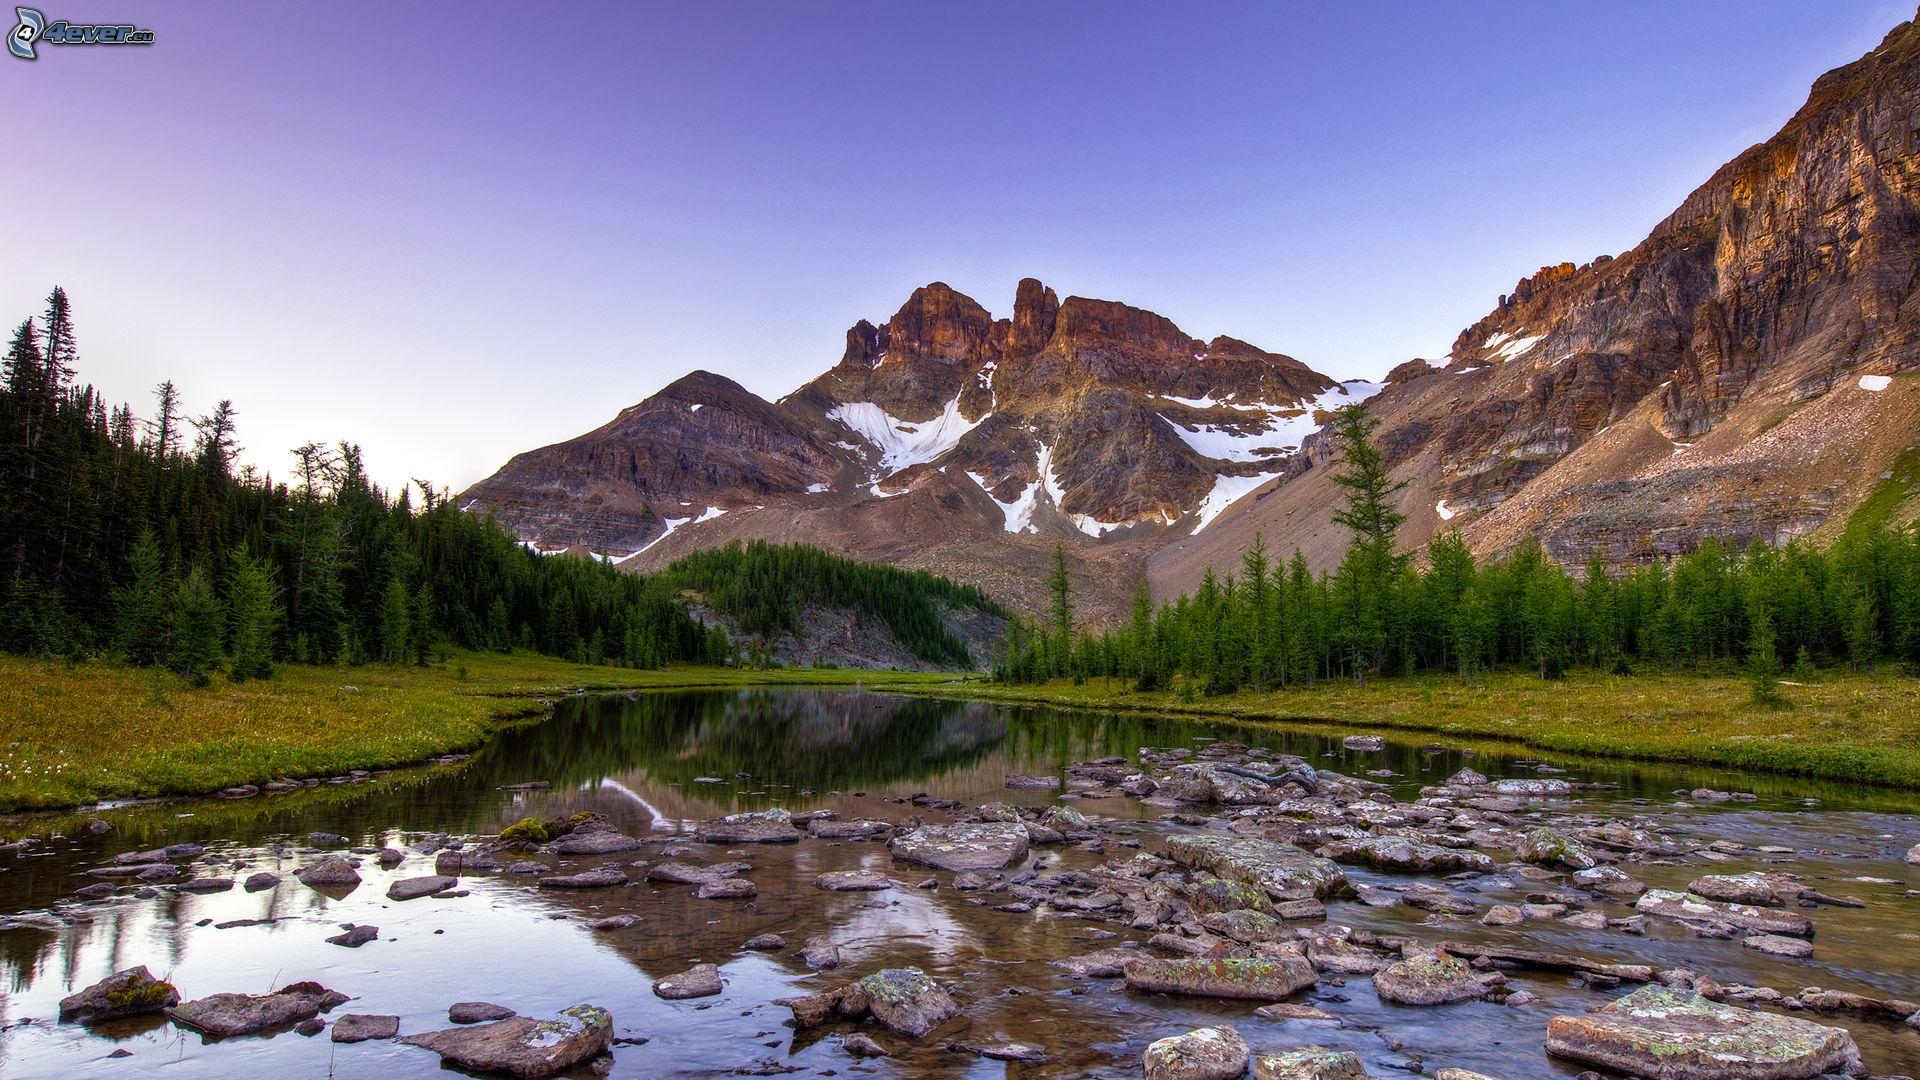 Montaña Nevada Hd: Corriente